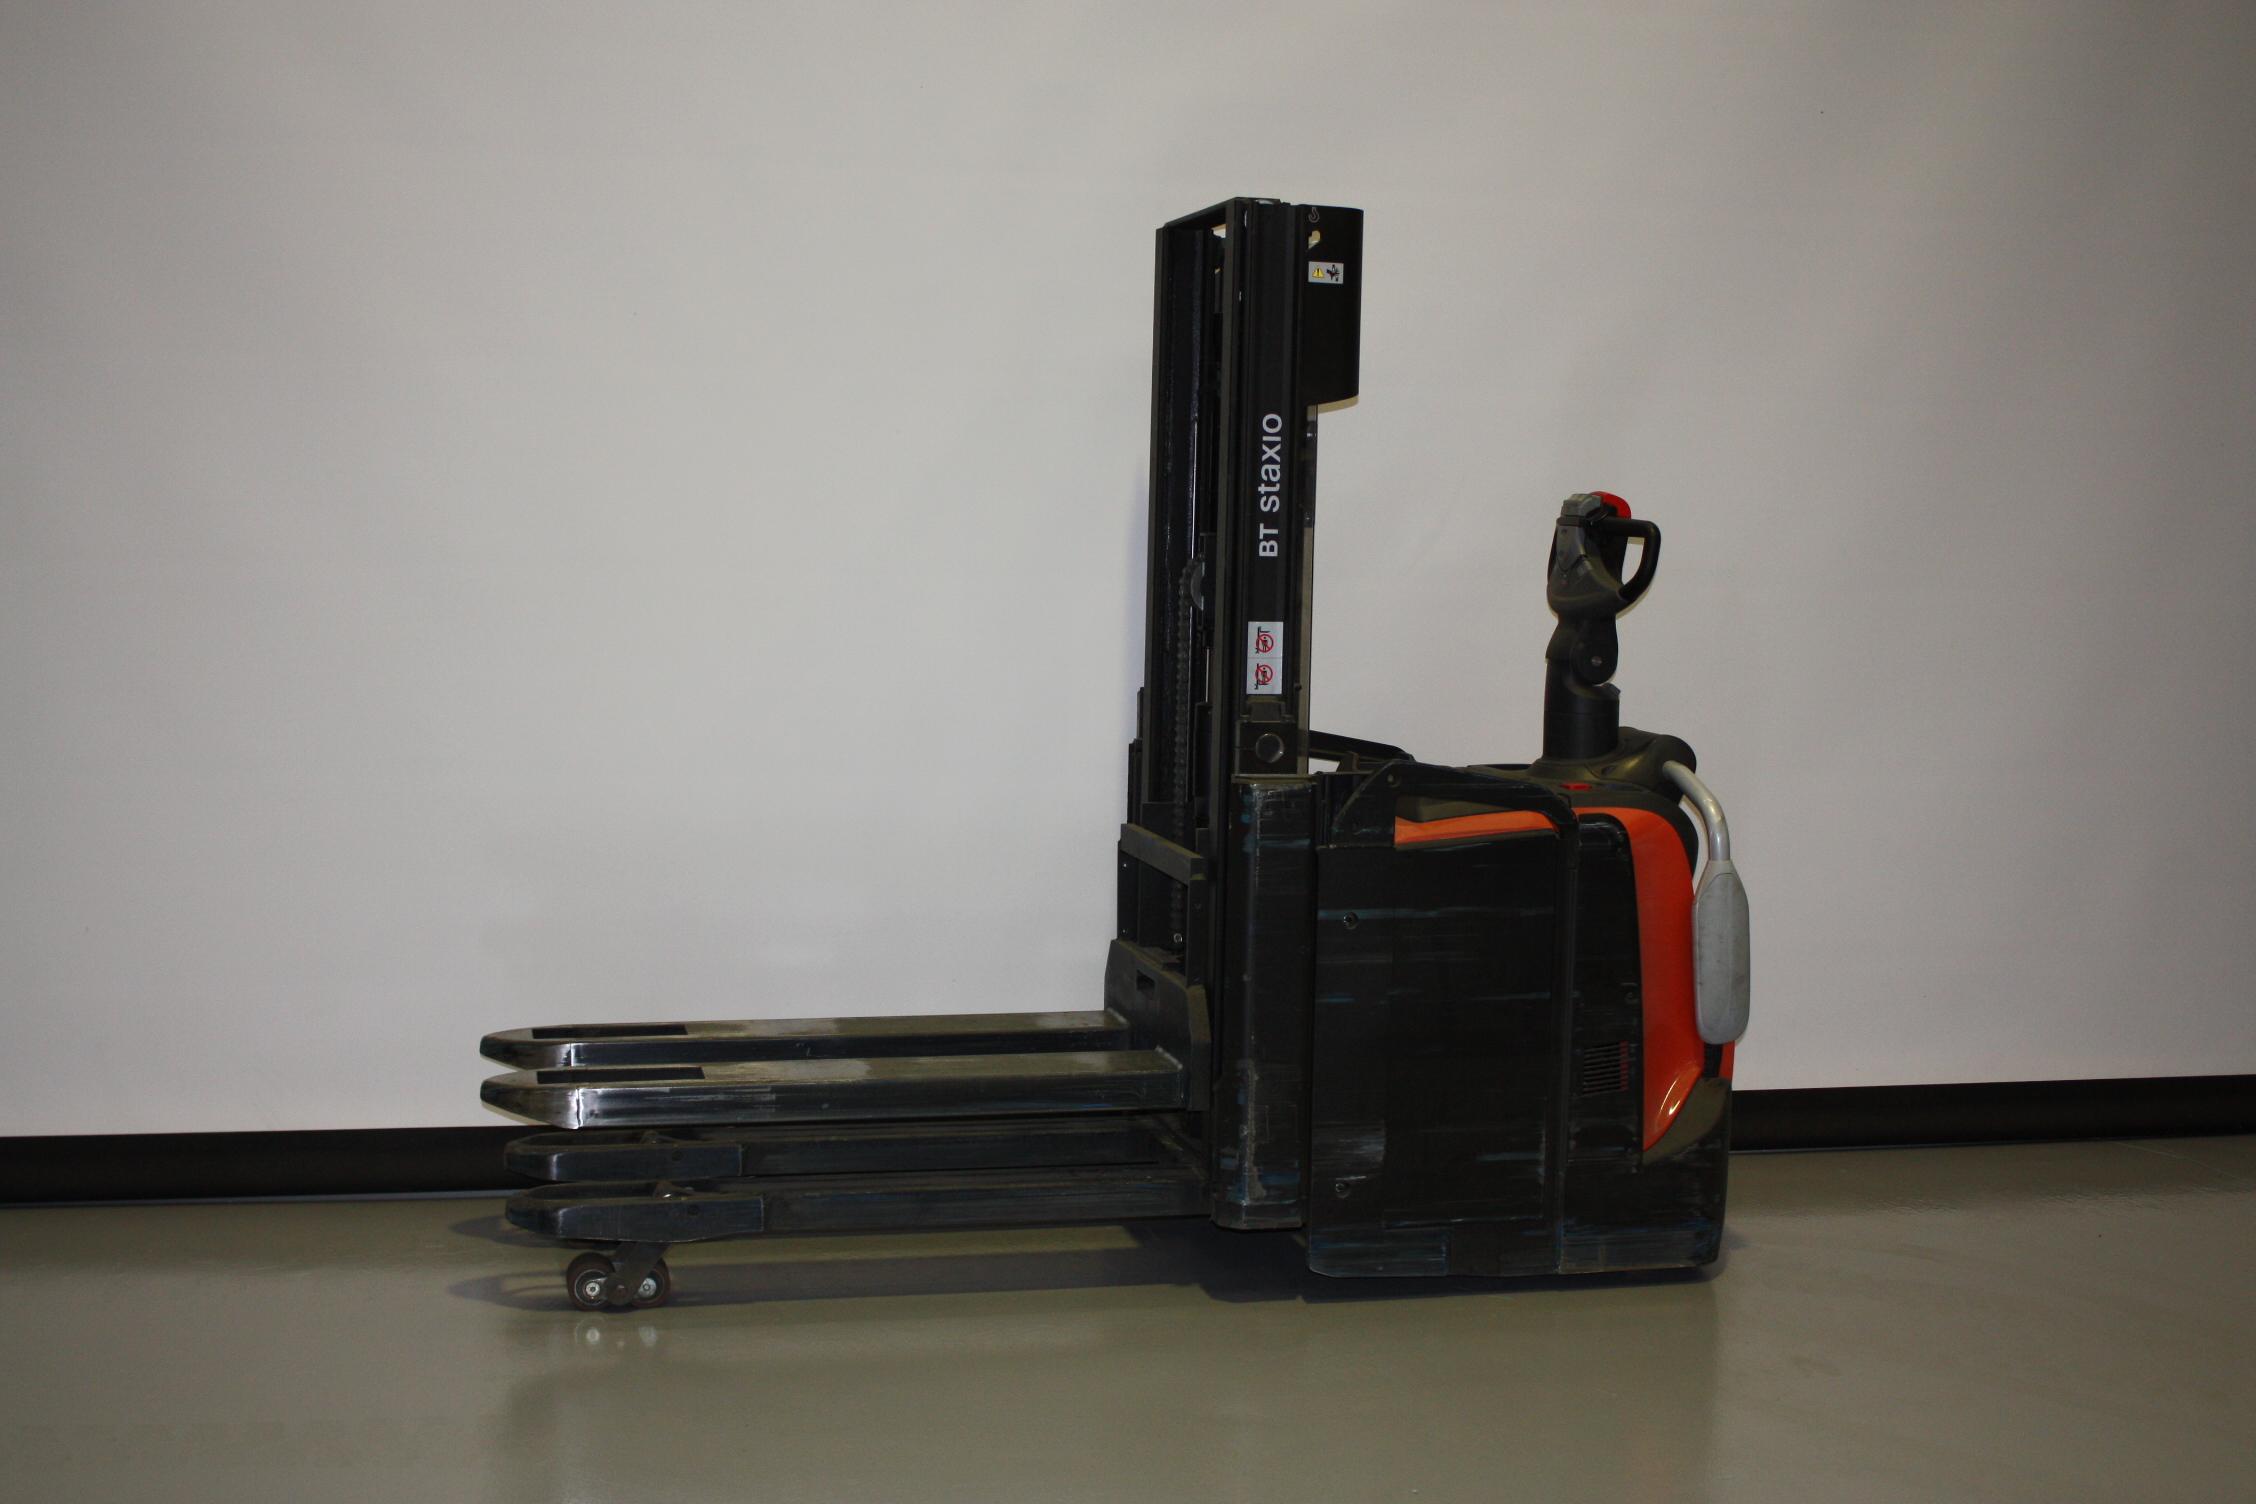 Toyota-Gabelstapler-59840 1909033144 1 5